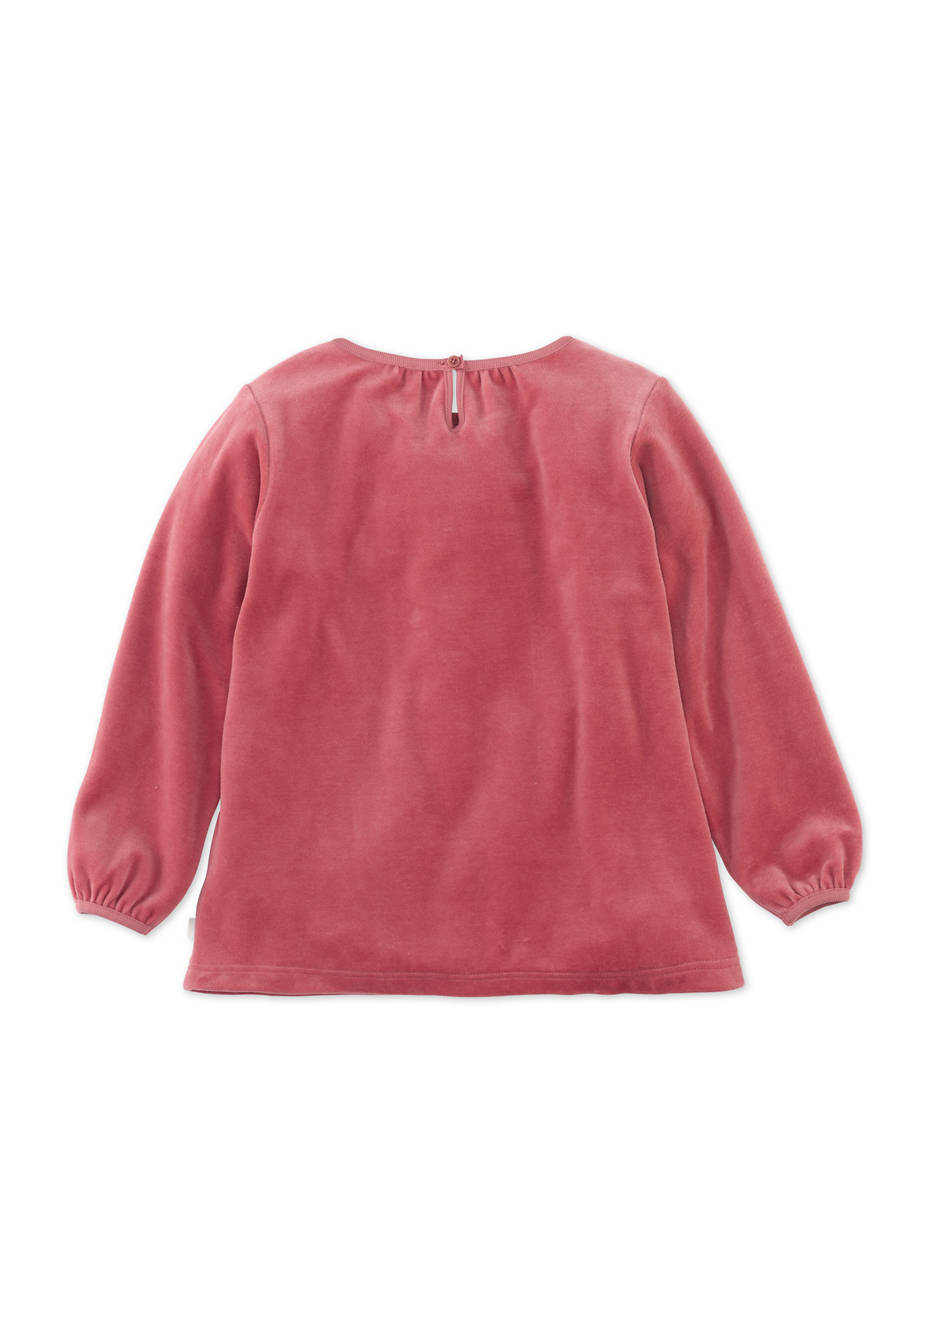 Nicki Sweatshirt aus reiner Bio-Baumwolle